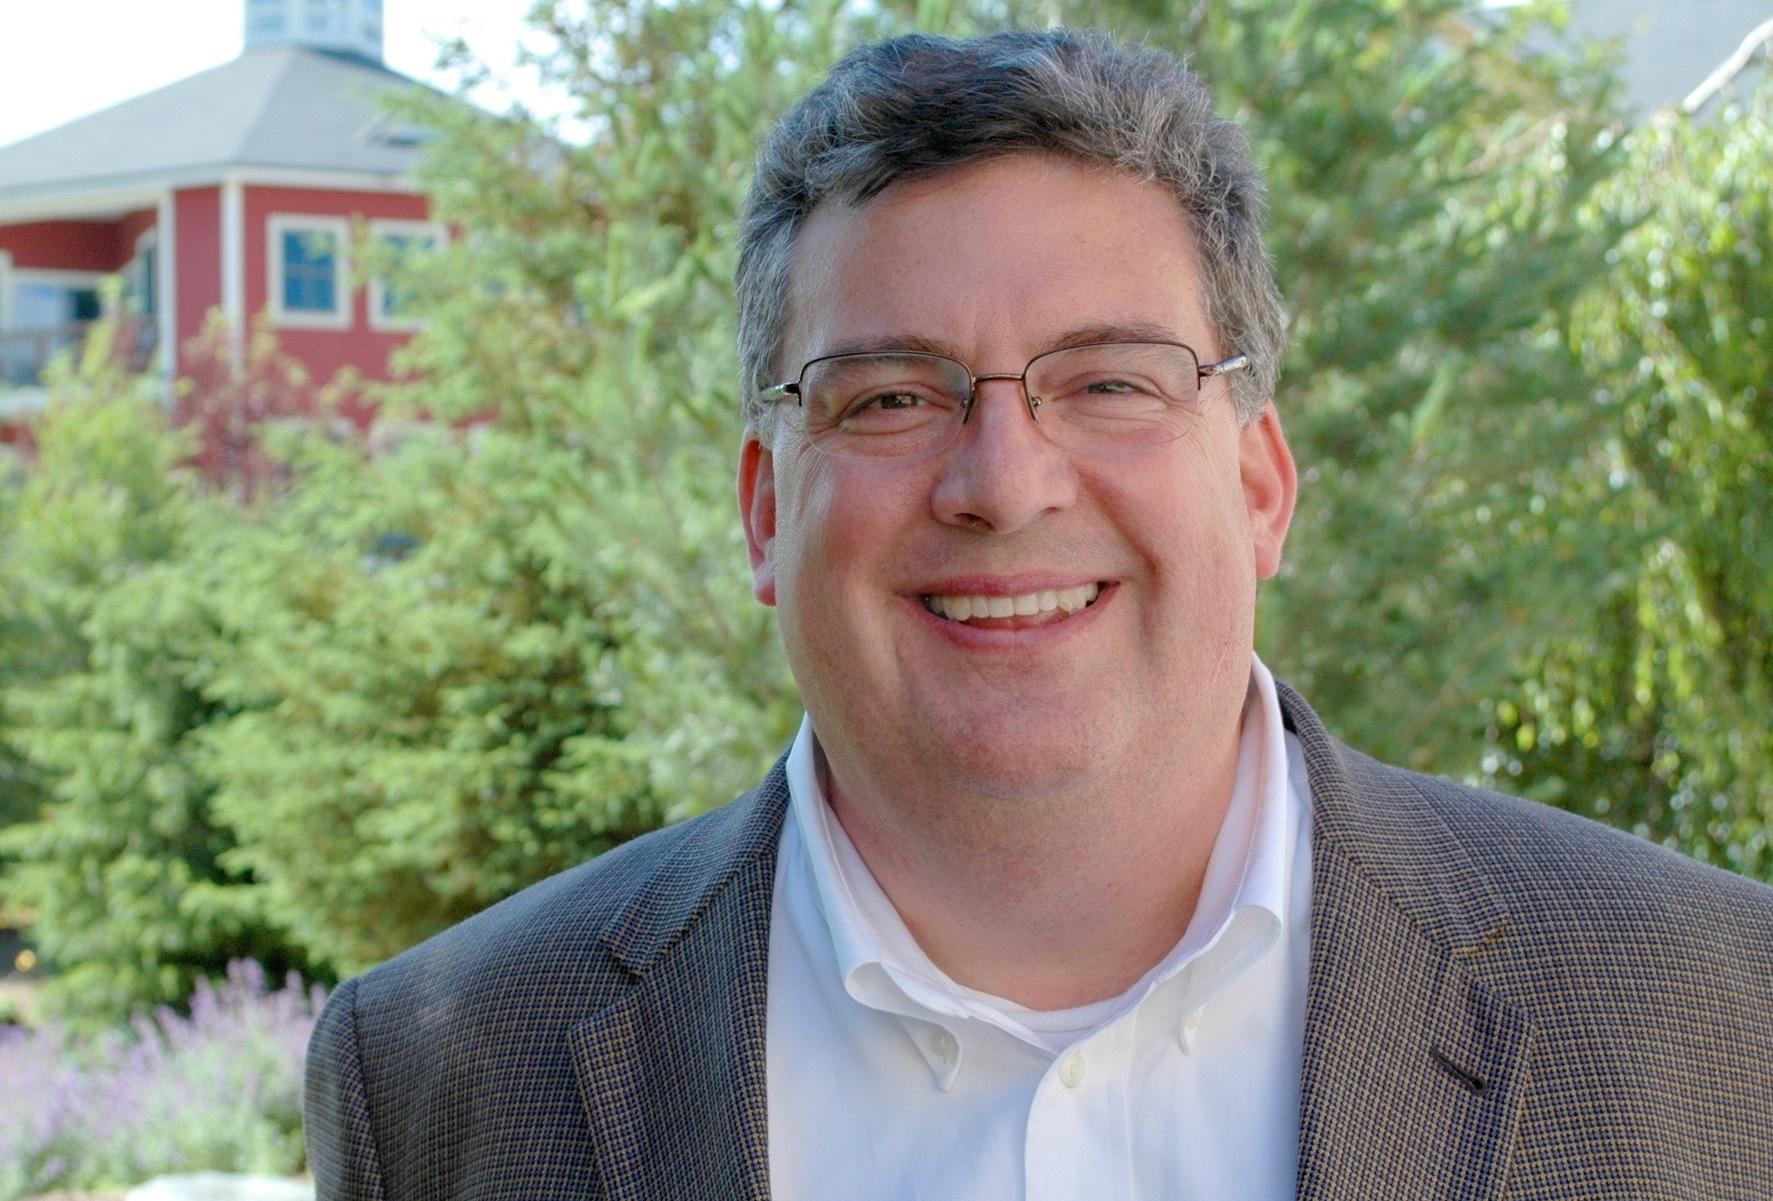 Dennis Barquinero